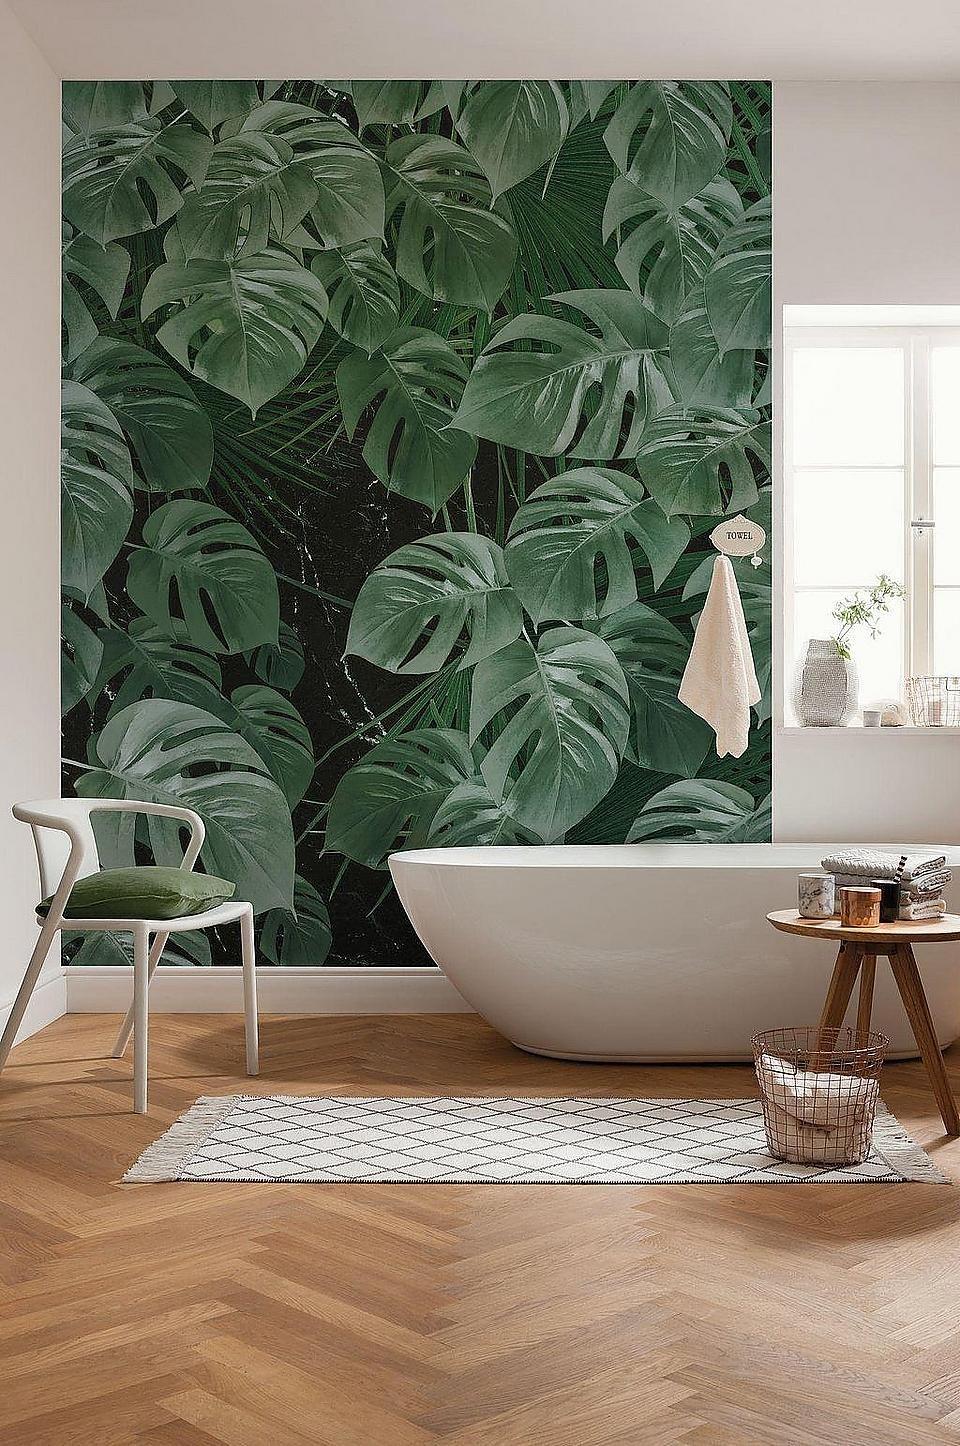 Badematte Gmk Home Living Fenja Hohe 15 Mm Beidseitig Verwendbar Entdecke Hier Die Schonsten Einrichtung Badematte Badgestaltung Badezimmer Accessoires